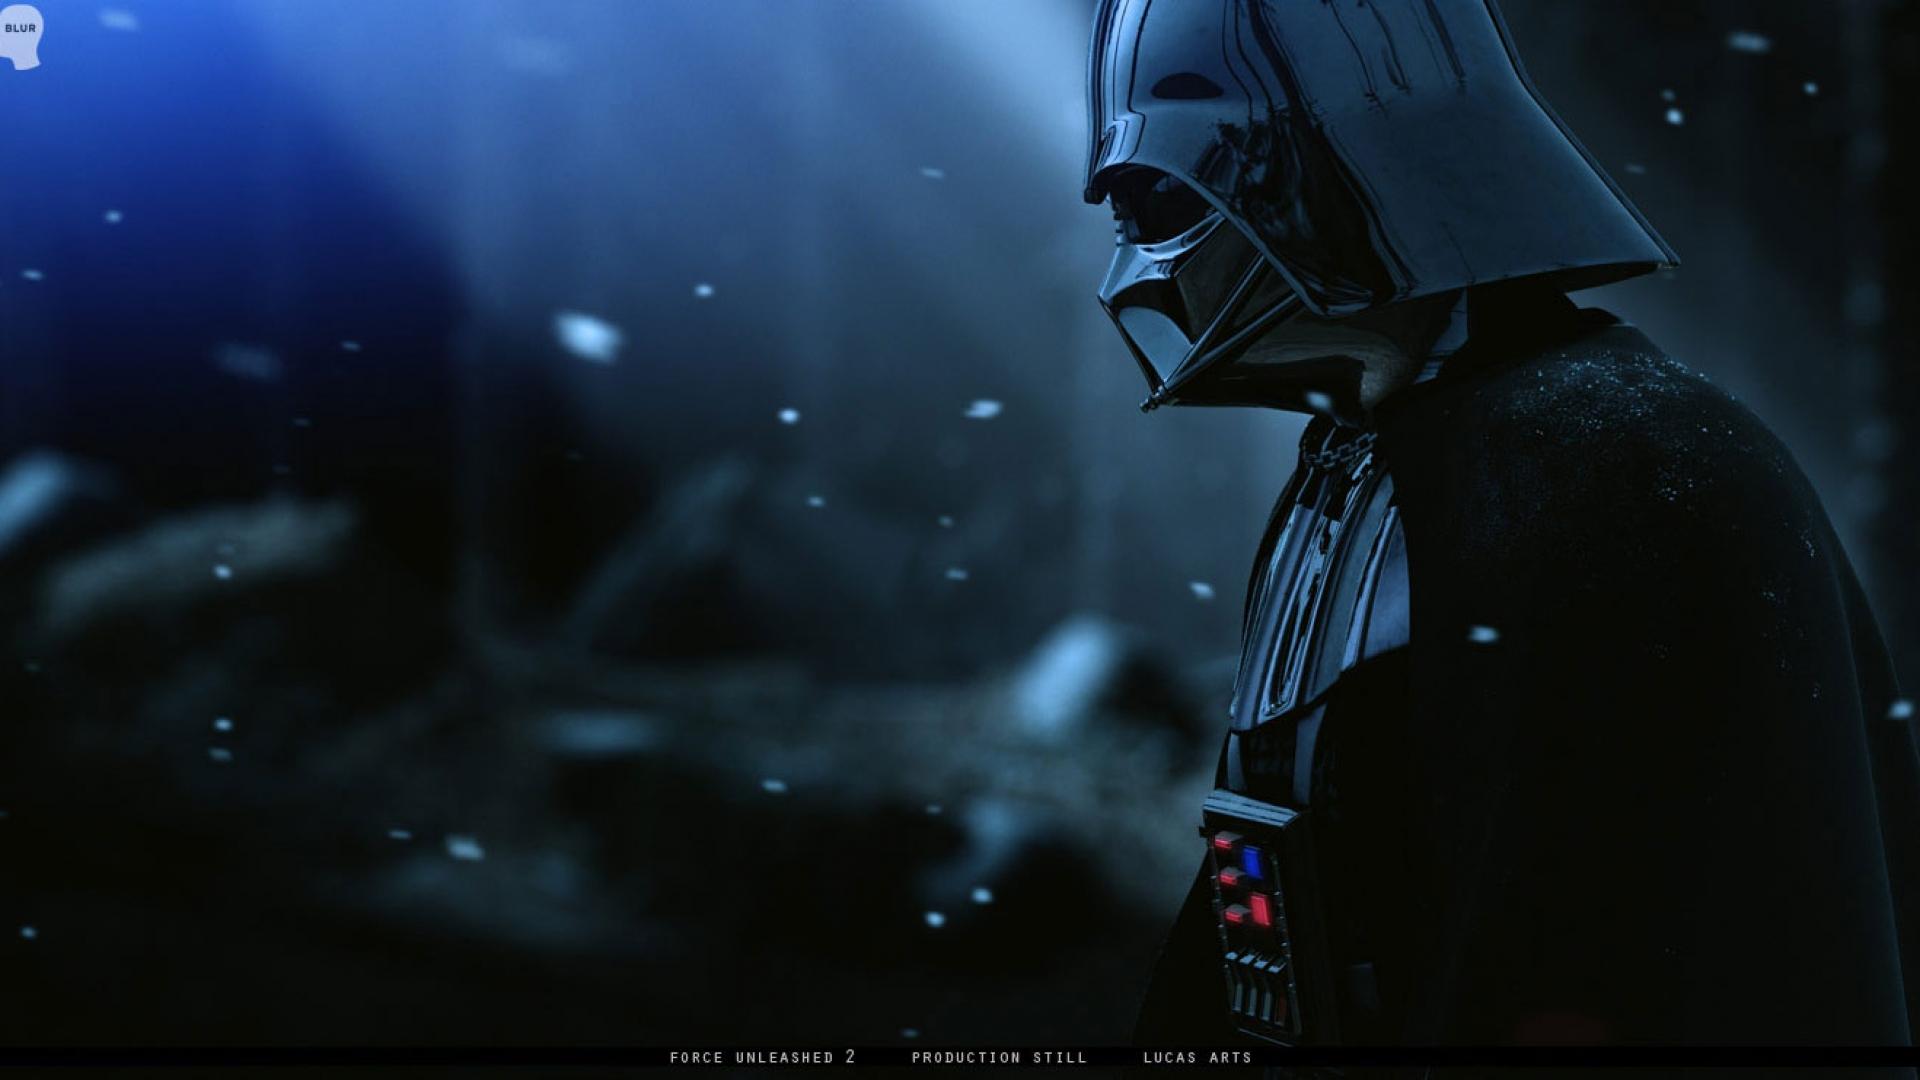 Darth Vader 1920x1080